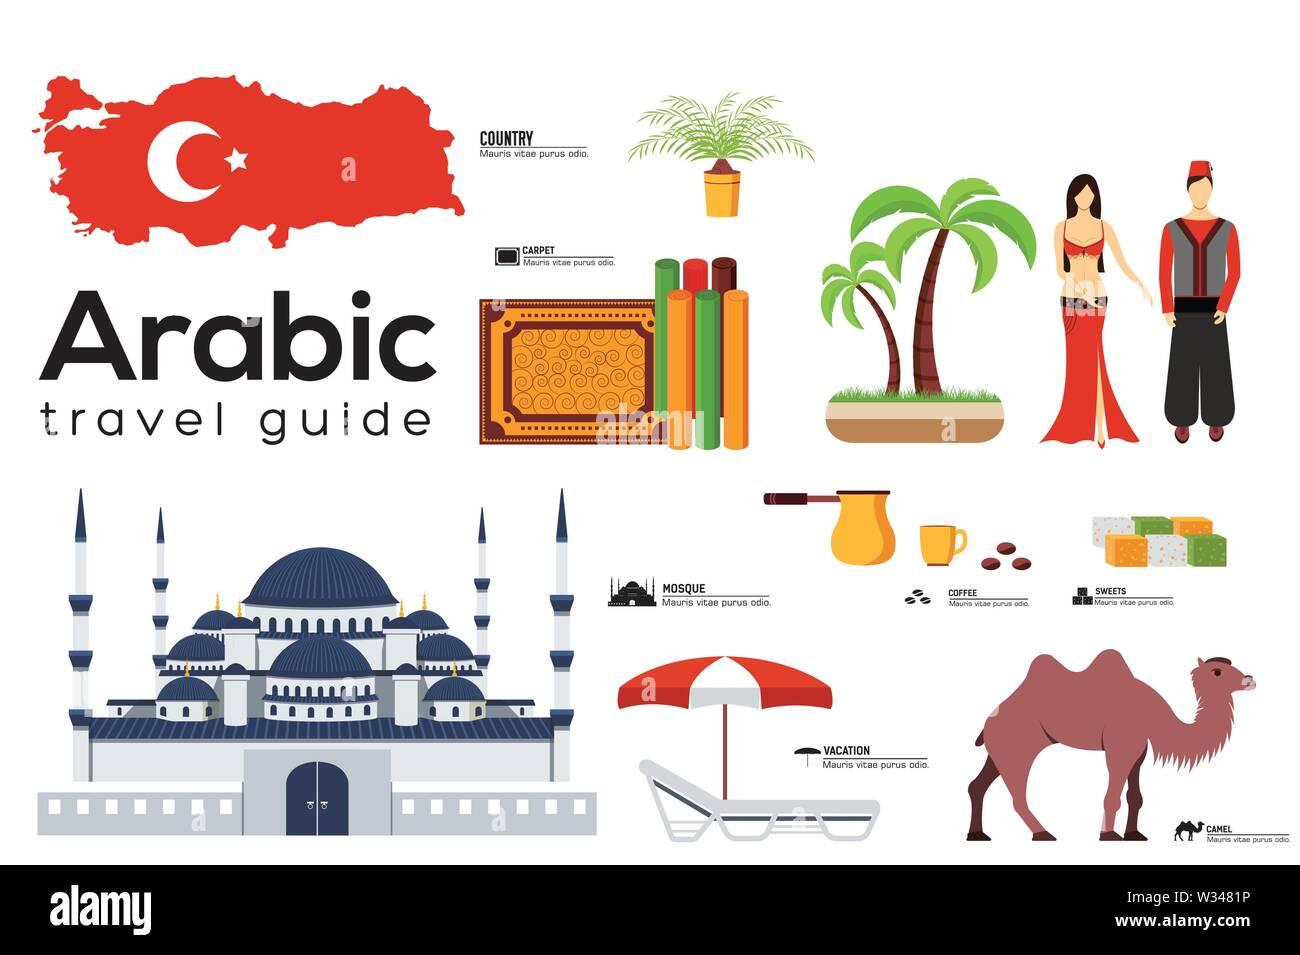 Arabisch Reiseführer Vorlage. Einstellen der türkischen Wahrzeichen, Küche, Traditionen flachbild Symbole, Piktogramme auf Weiß. Sehenswürdigkeiten und kulturelle Symb Stockbild